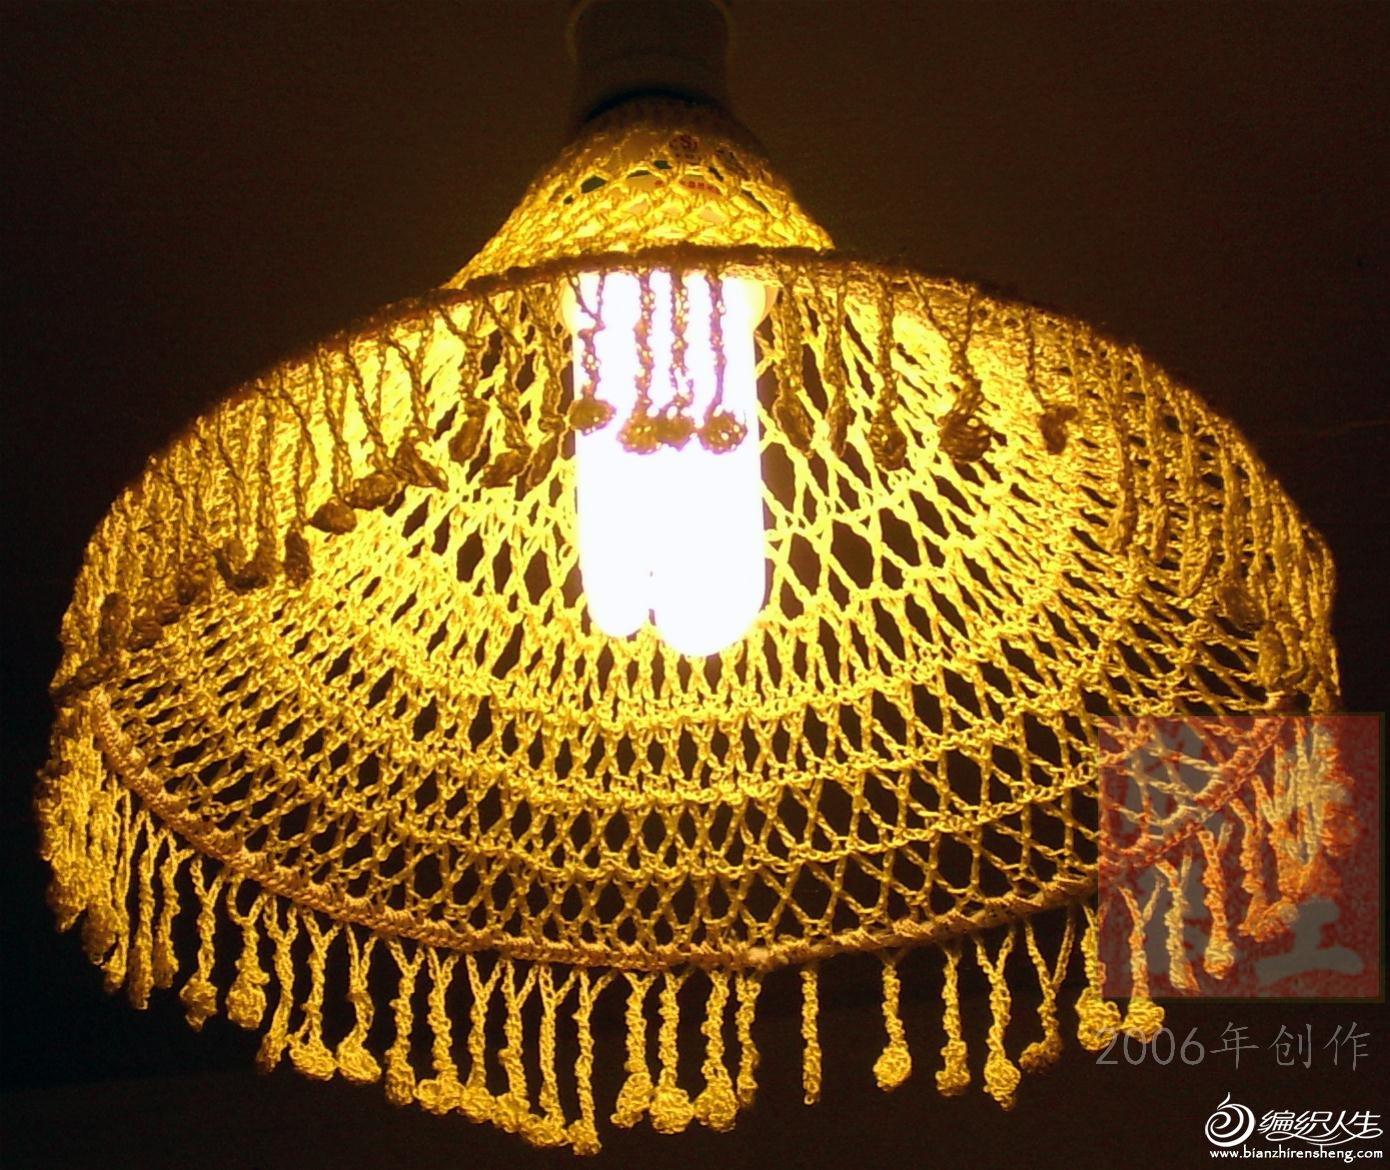 个性灯罩06年作品 (3).JPG